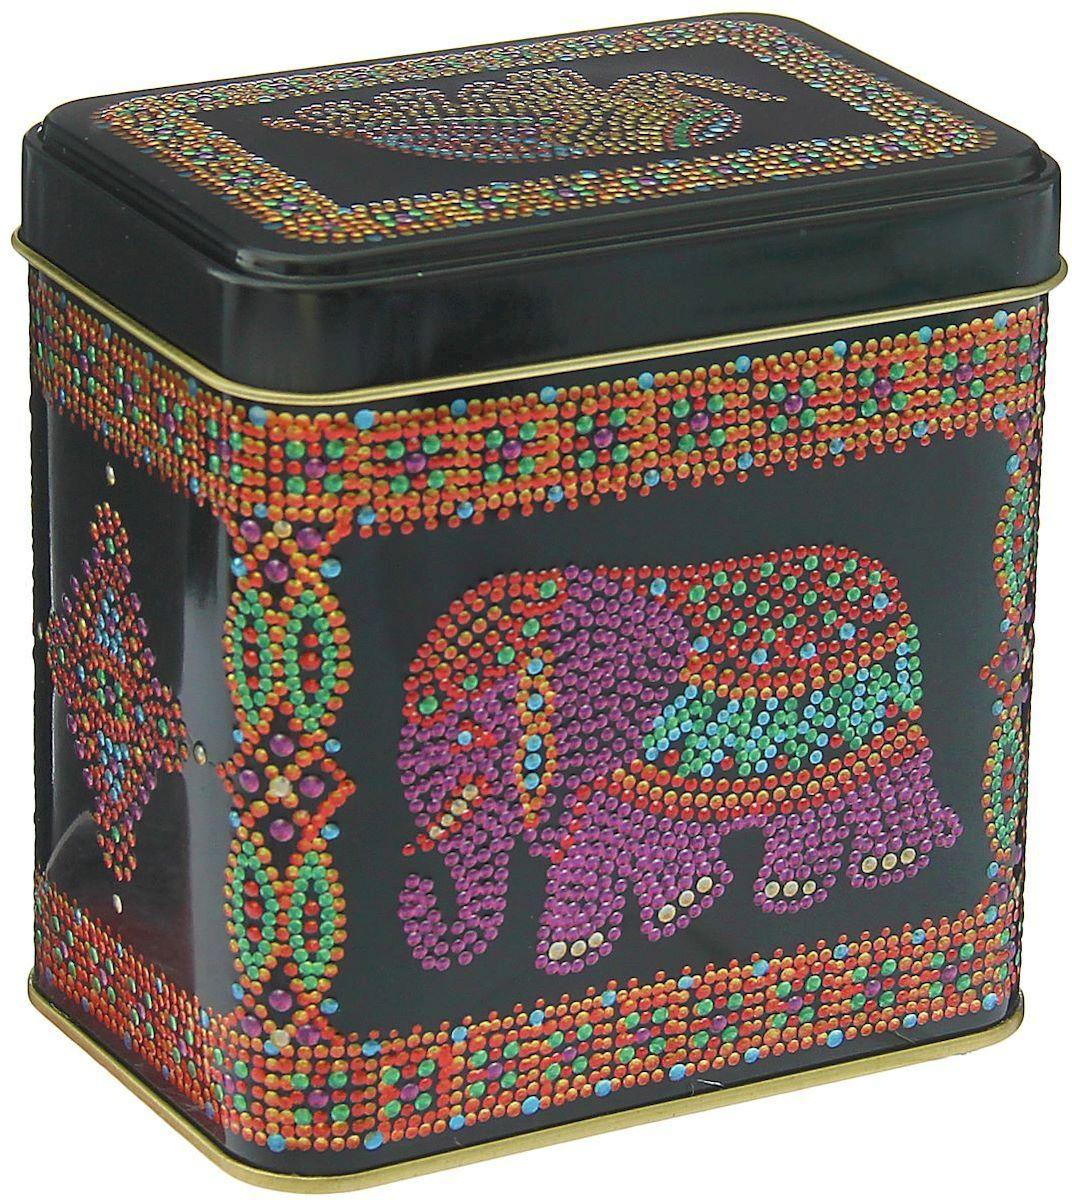 Банка для сыпучих продуктов Рязанская фабрика жестяной упаковки Индийский слон, 600 мл1528379Металлическая банка Индийский слон - лучший способ сохранить крупы и травы, чай и кофе в наилучшем состоянии.Изделия от Рязанской фабрики жестяной упаковки радуют потребителей уже долгие годы. Чем хороша именно эта банка?- Плотная крышка предохраняет содержимое от высыпания.- Защита от солнечного света продлевает срок годности продуктов.- Яркий дизайн добавит свежую нотку в оформление кухни.- Банка может быть использована для хранения мелких хозяйственных предметов.Наводите порядок на кухне со вкусом!